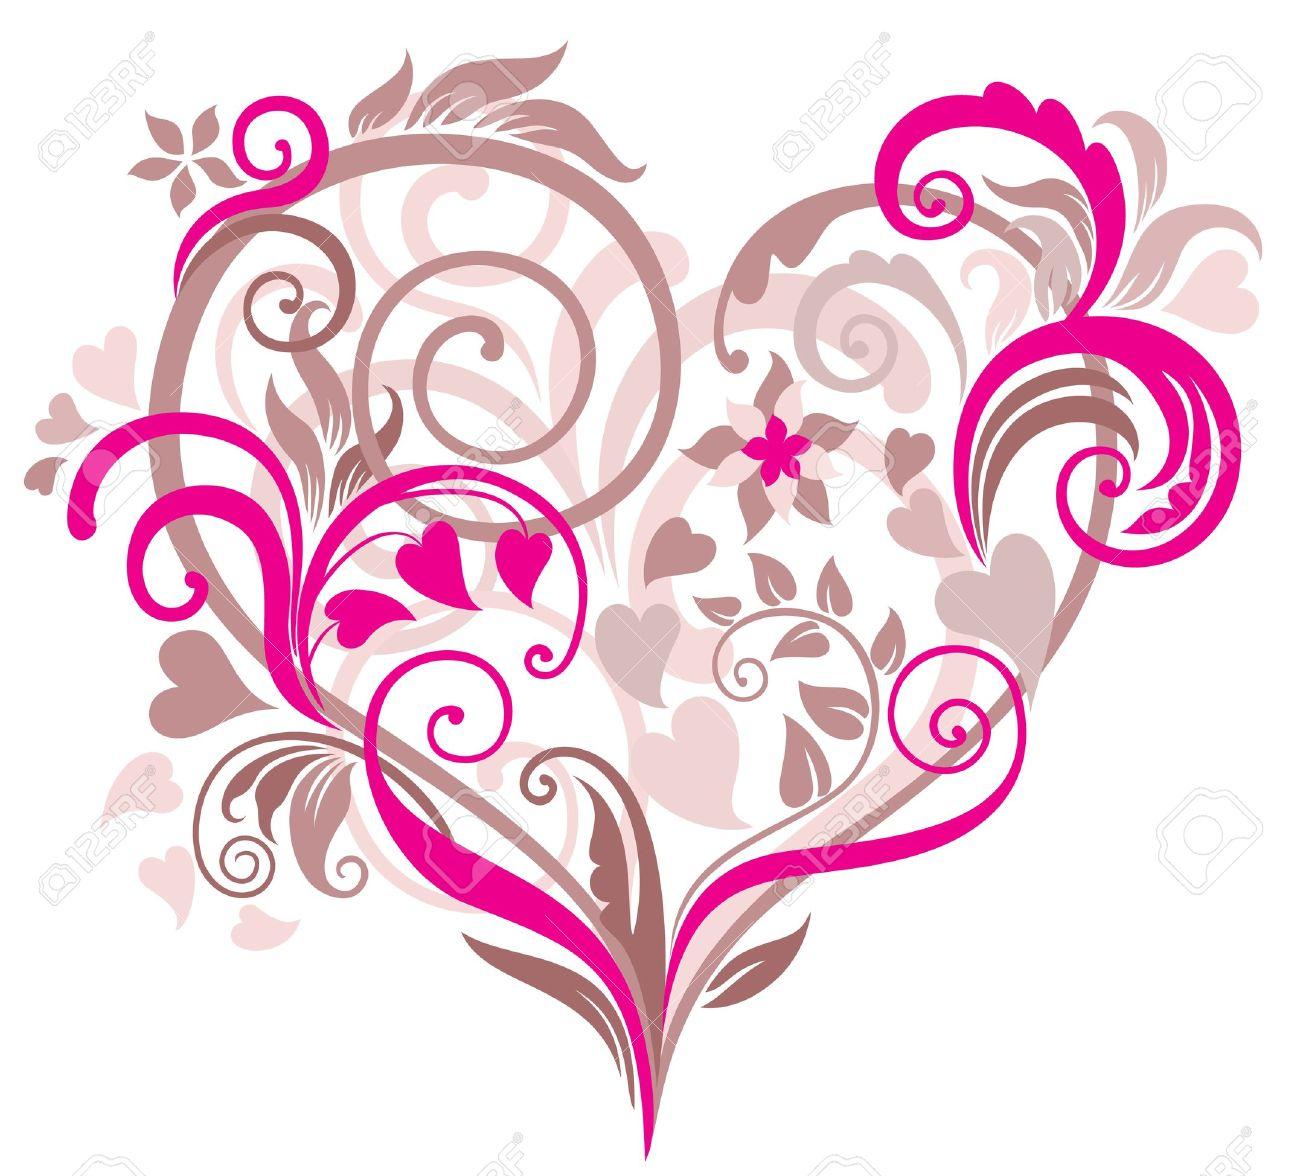 Banque dimages , Belle fond floral avec le coeur dans les tons pastel